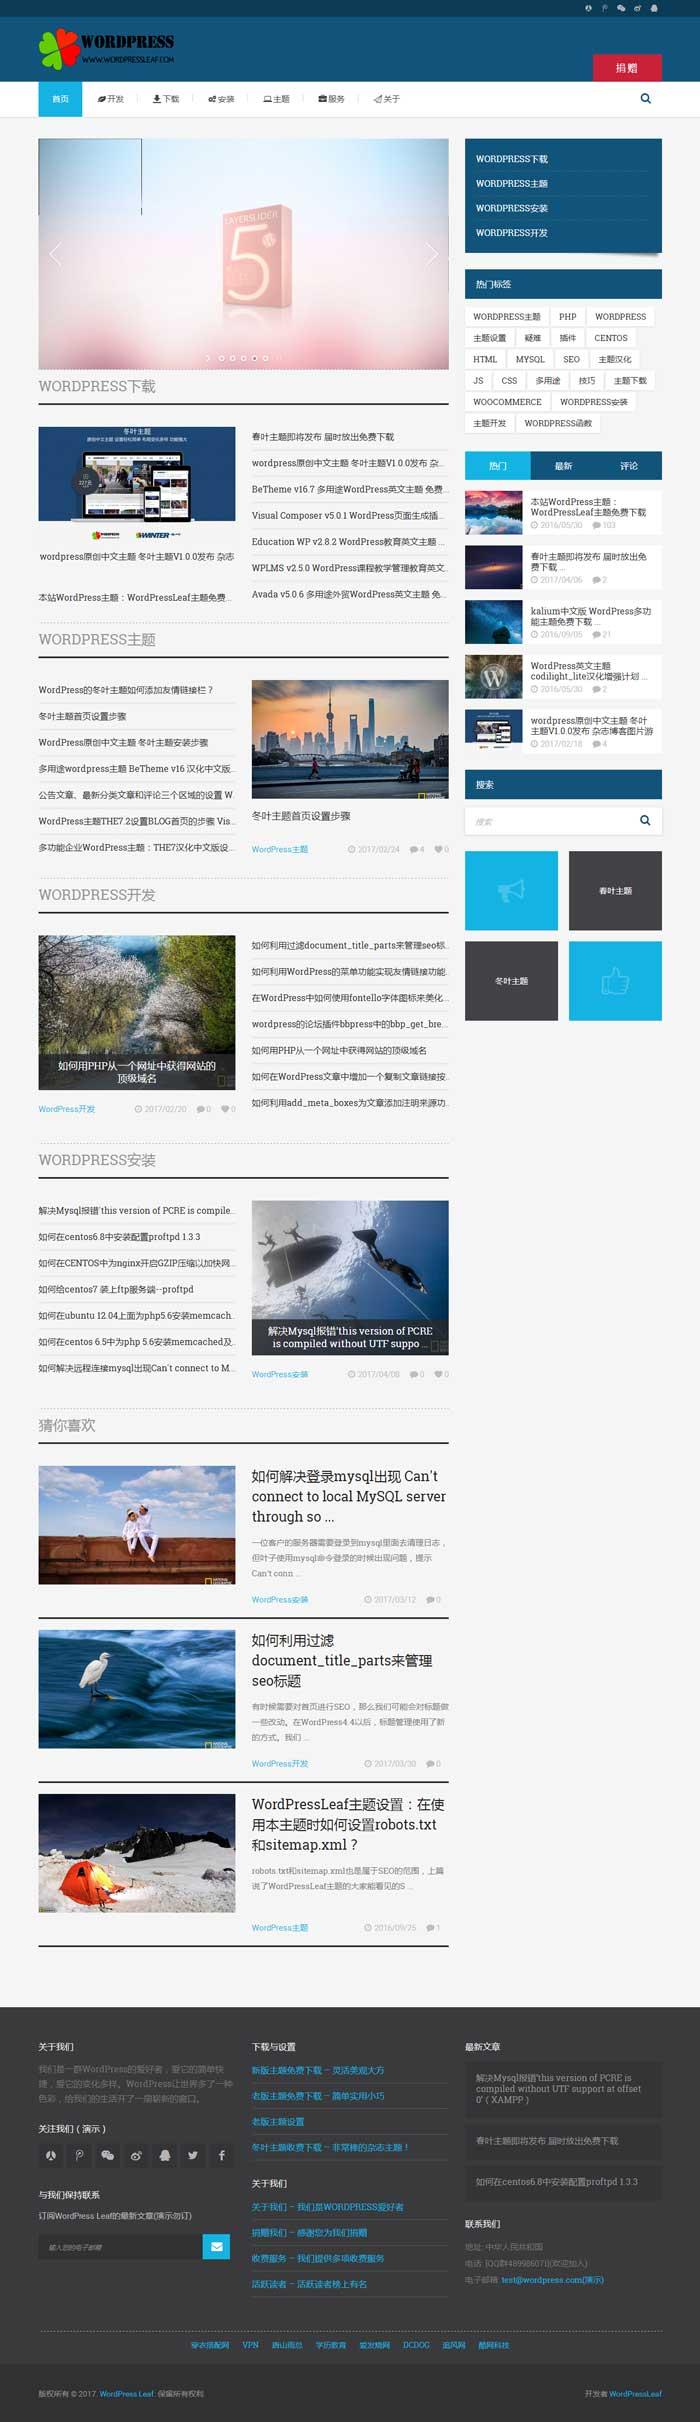 本站自用春叶中文主题免费下载 适用于杂志、图片、电影、音乐、企业、文字、CMS